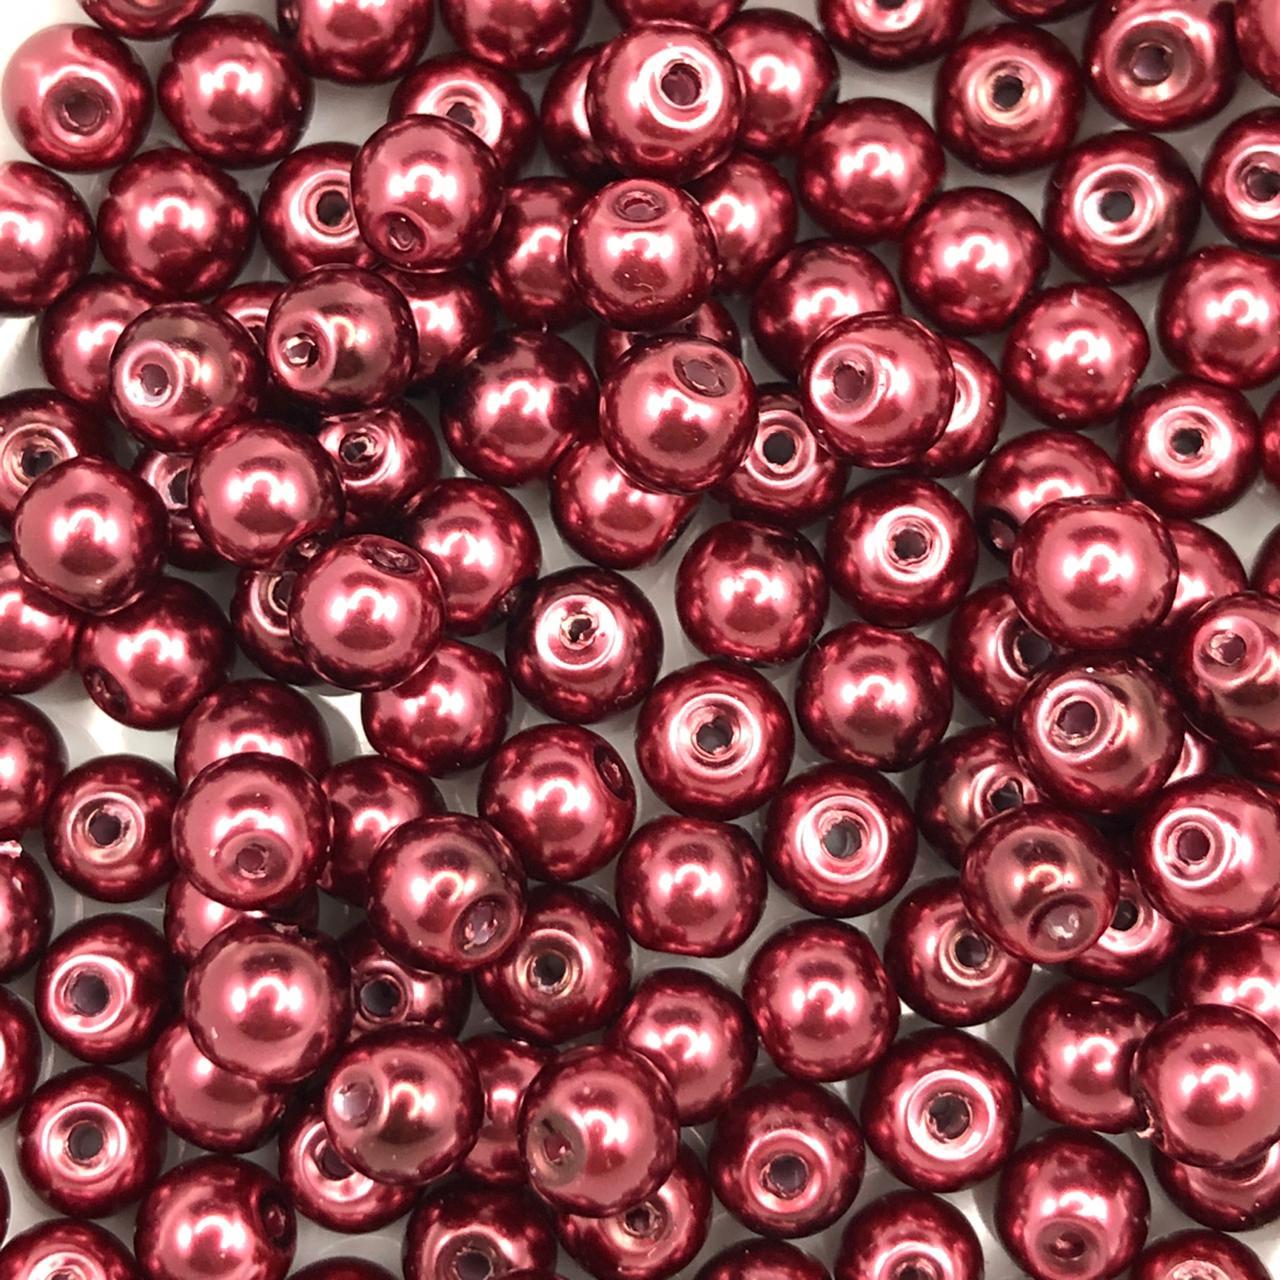 PE192 - Pérola de Vidro Vermelho Vinho 6mm - 150Unids